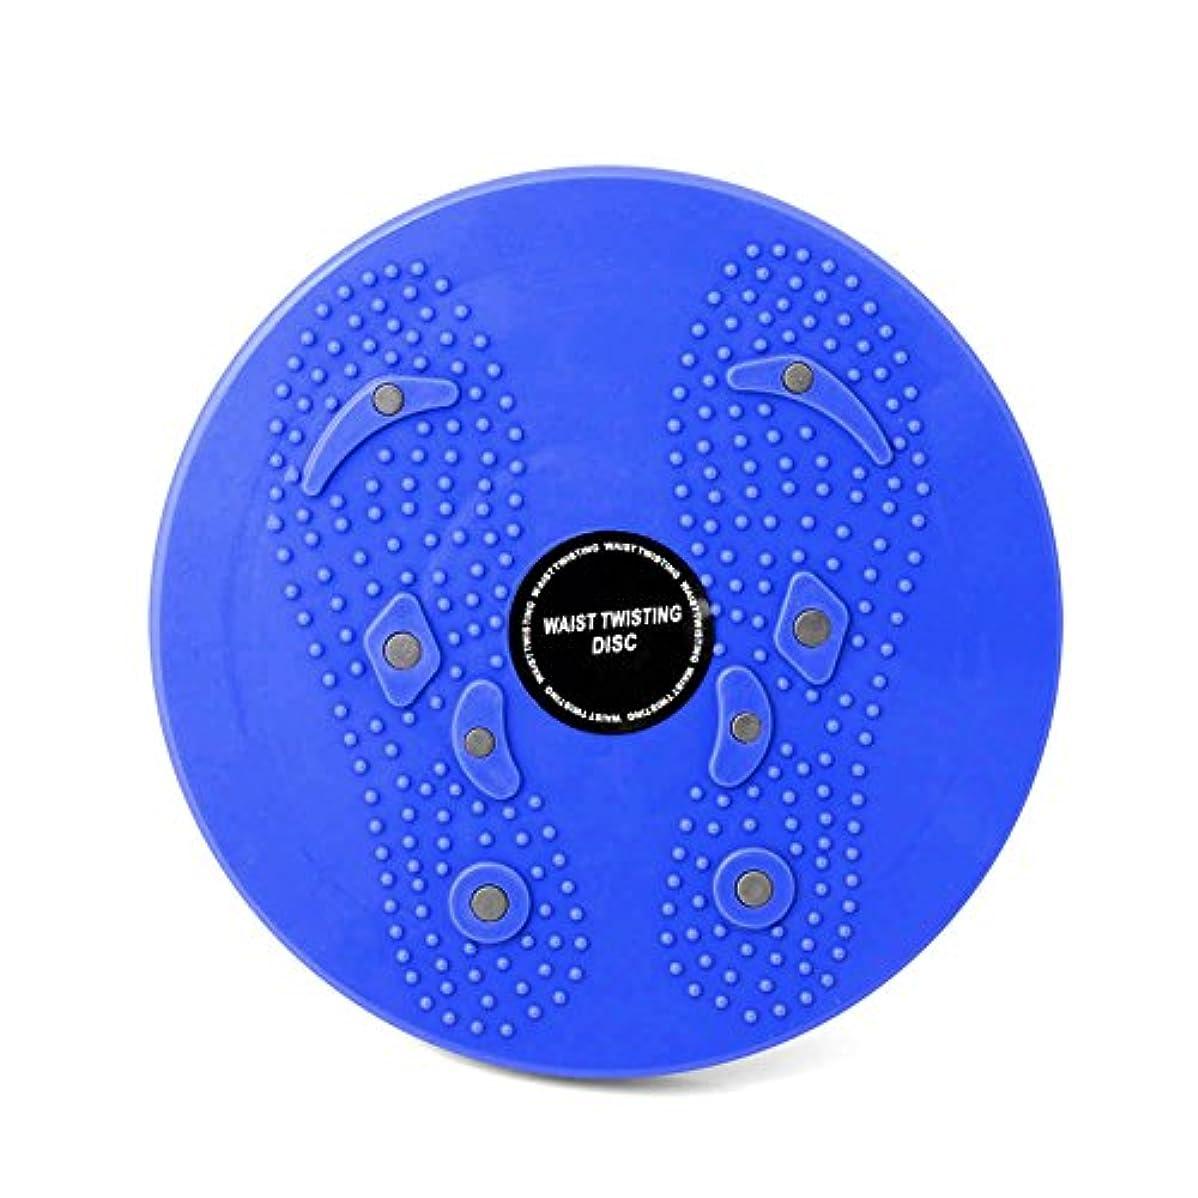 除去熱亜熱帯CreamCat 1096/5000 腰ねじれディスク メディカルサポート バランスボード 体幹トレーニング ダイエット エクササイズ ストレッチボディ成形トレーニング